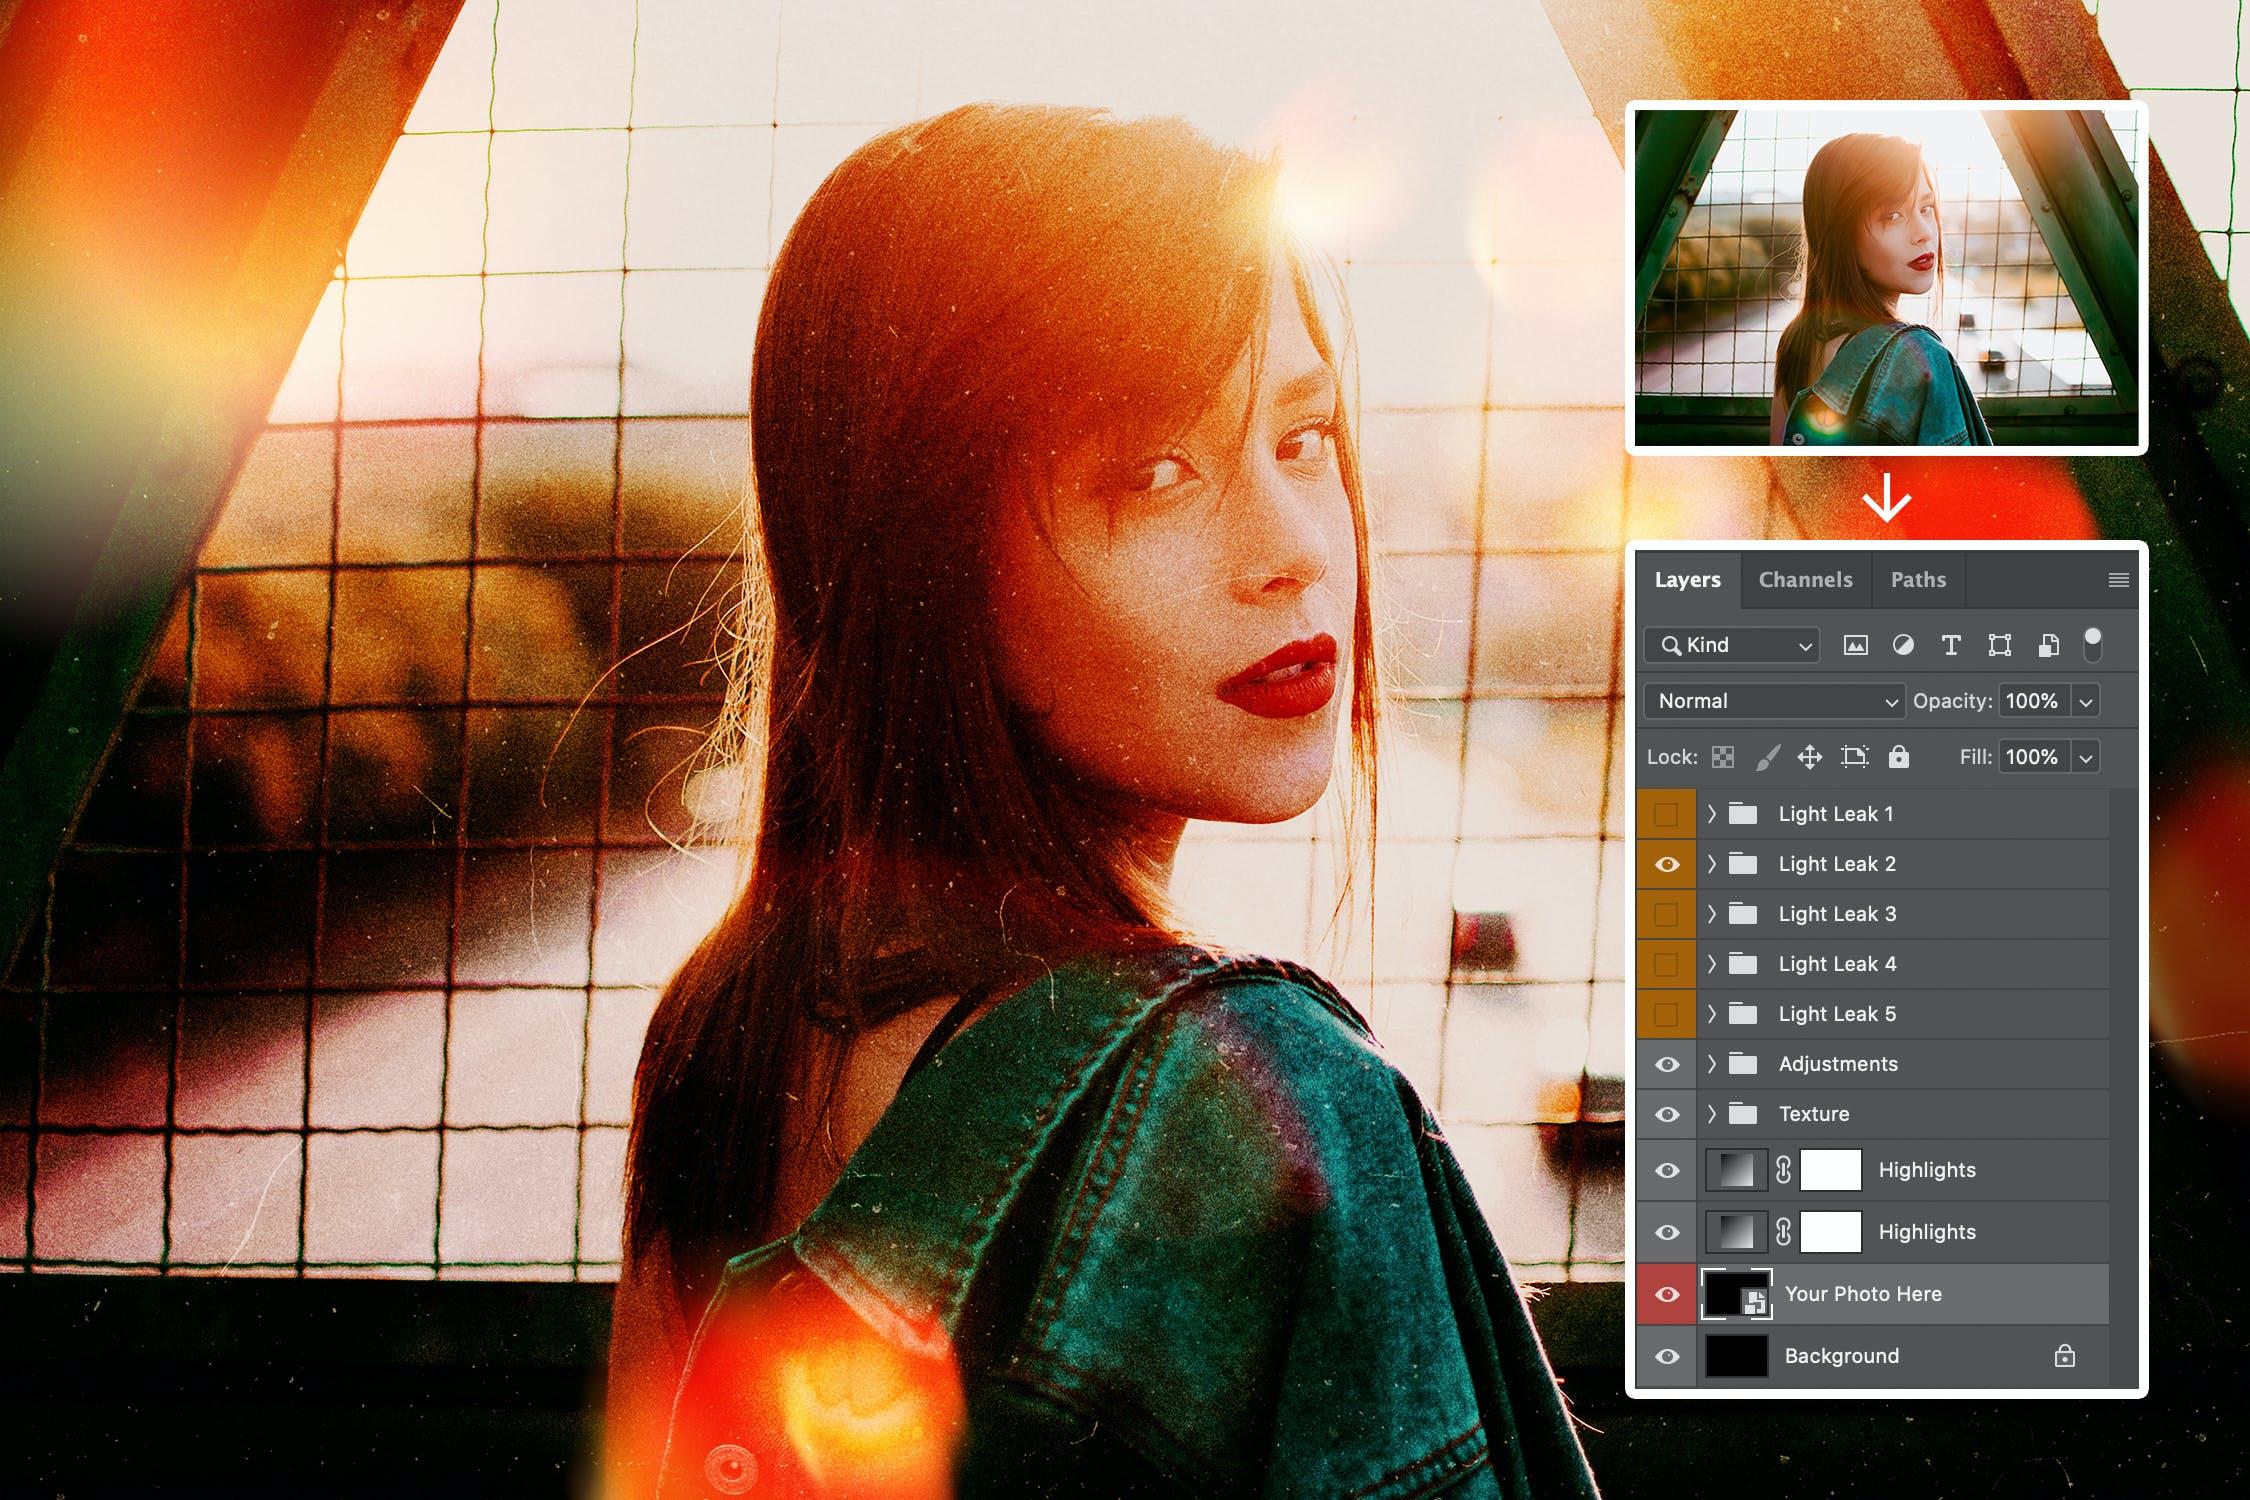 5款炫酷自然漏光图片叠层效果PS设计素材 Light Leak Photo Template插图(6)